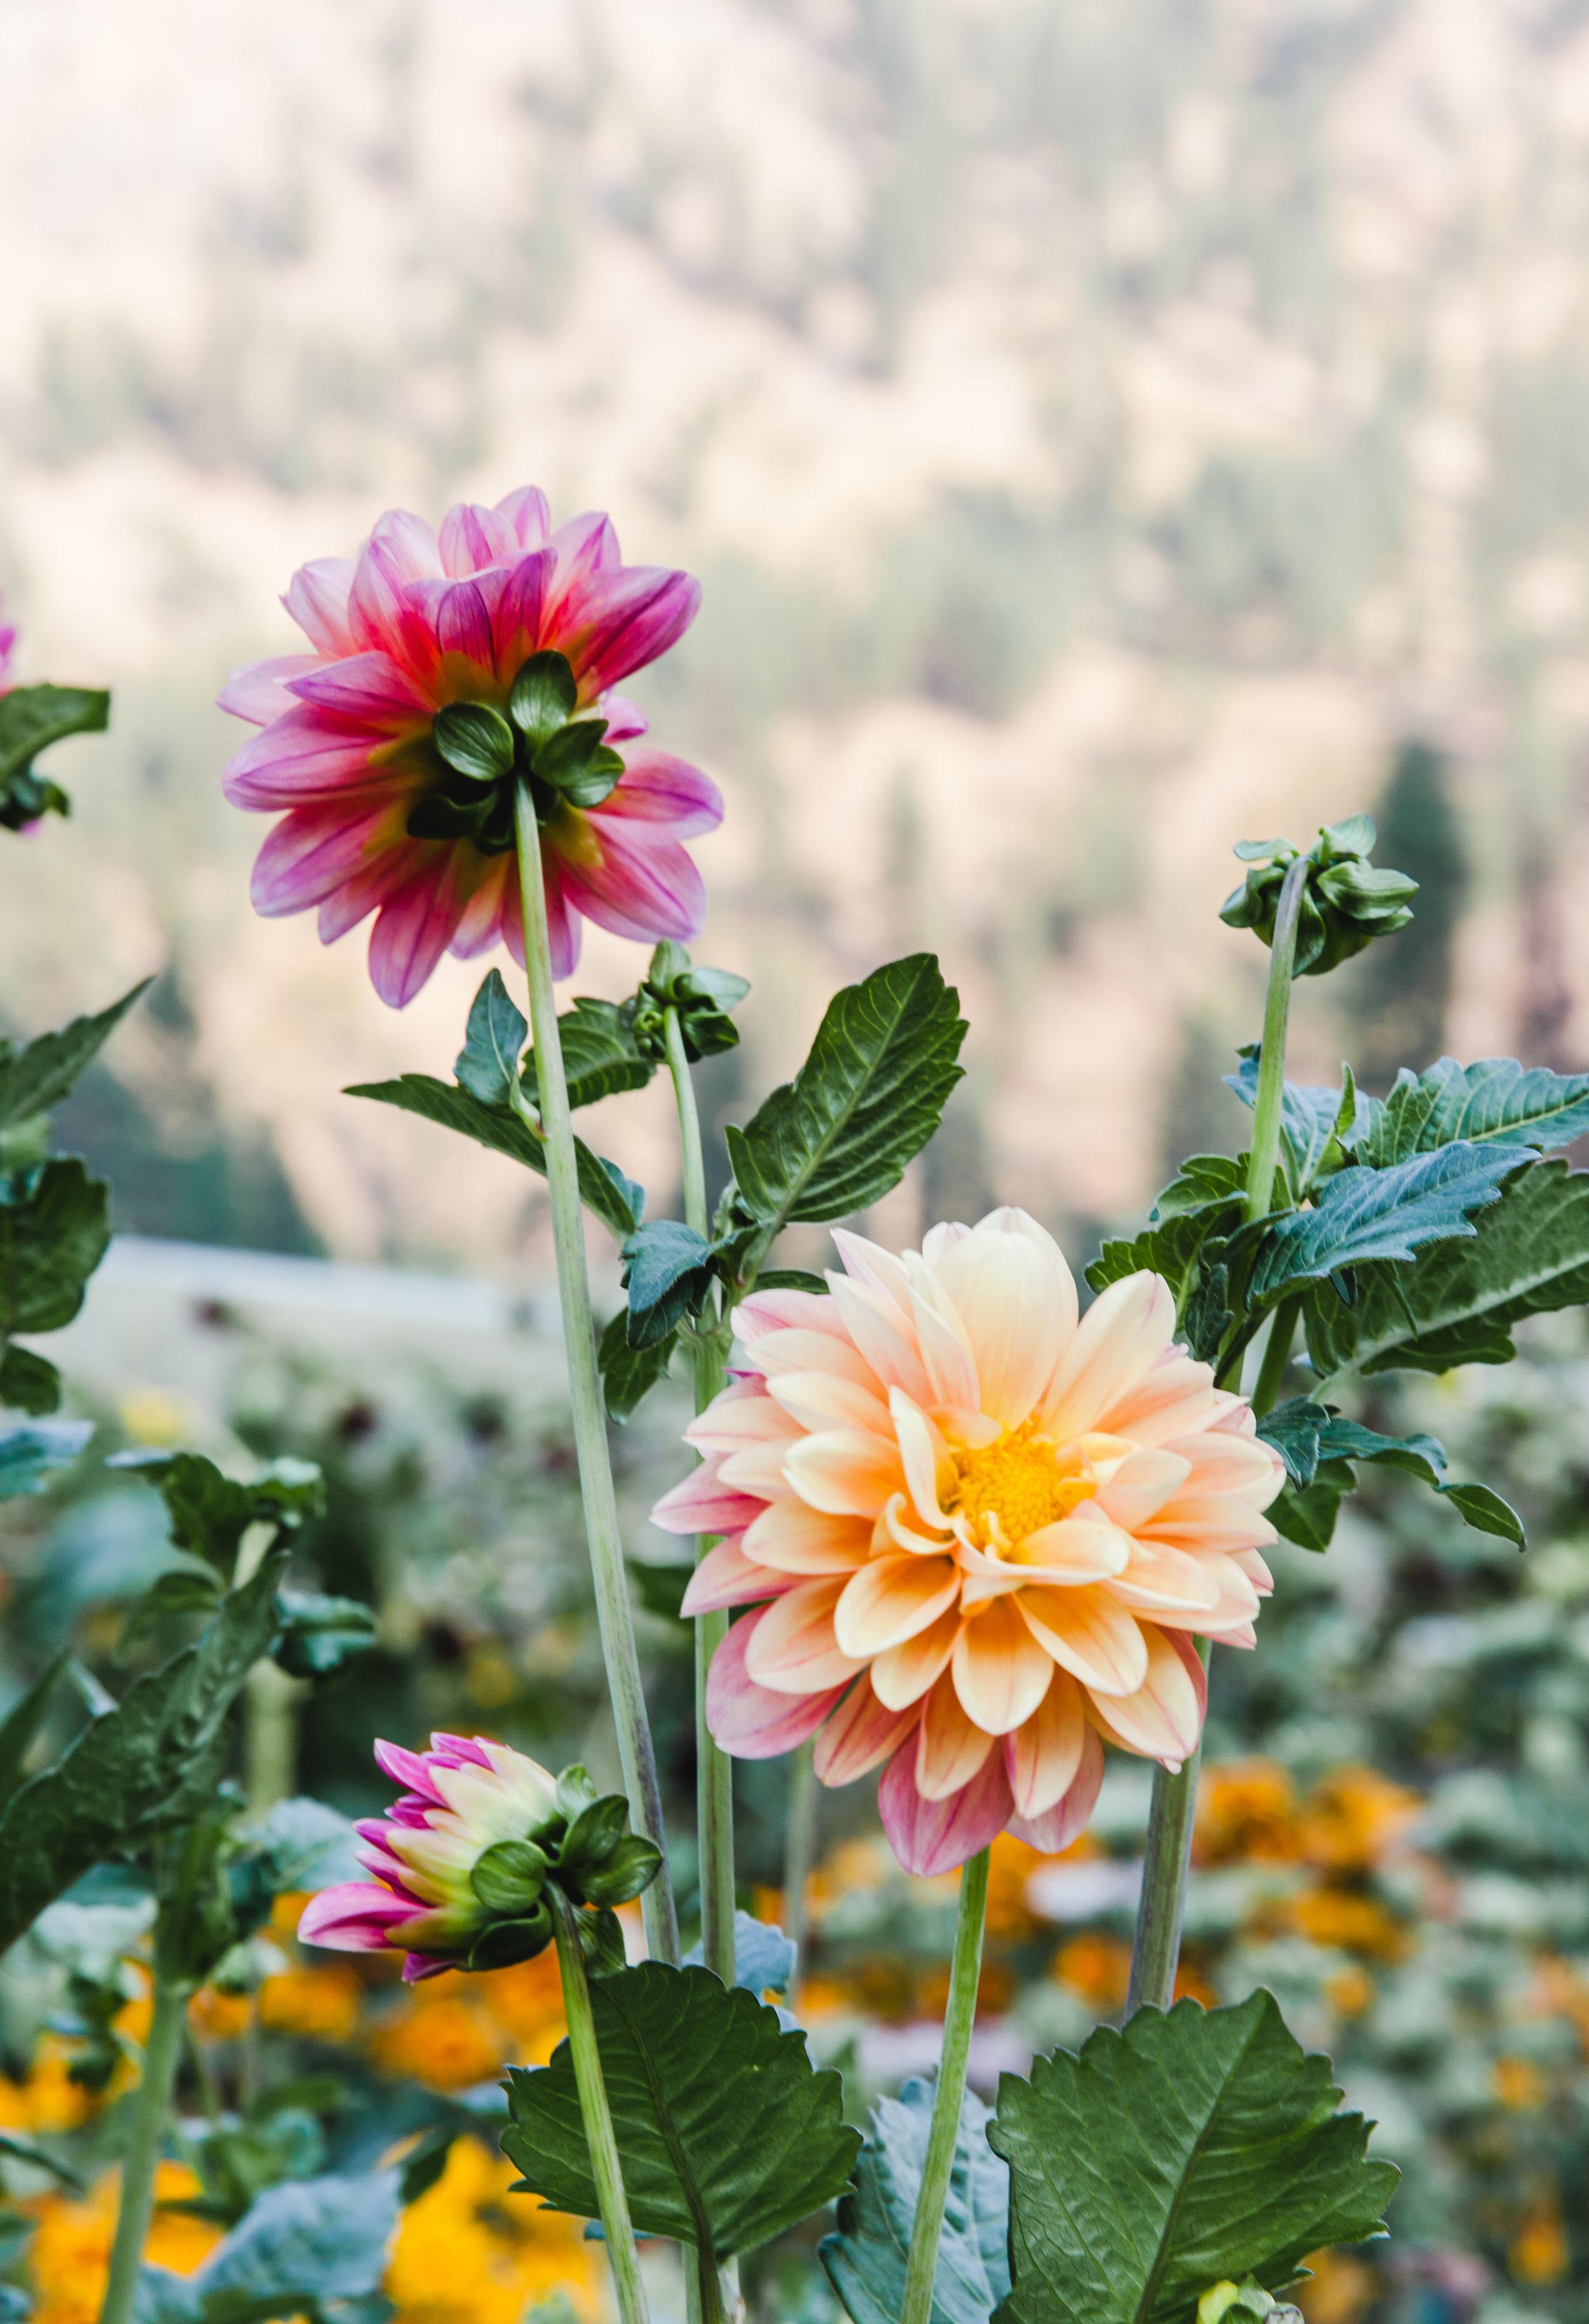 flowers (33 of 274).jpg